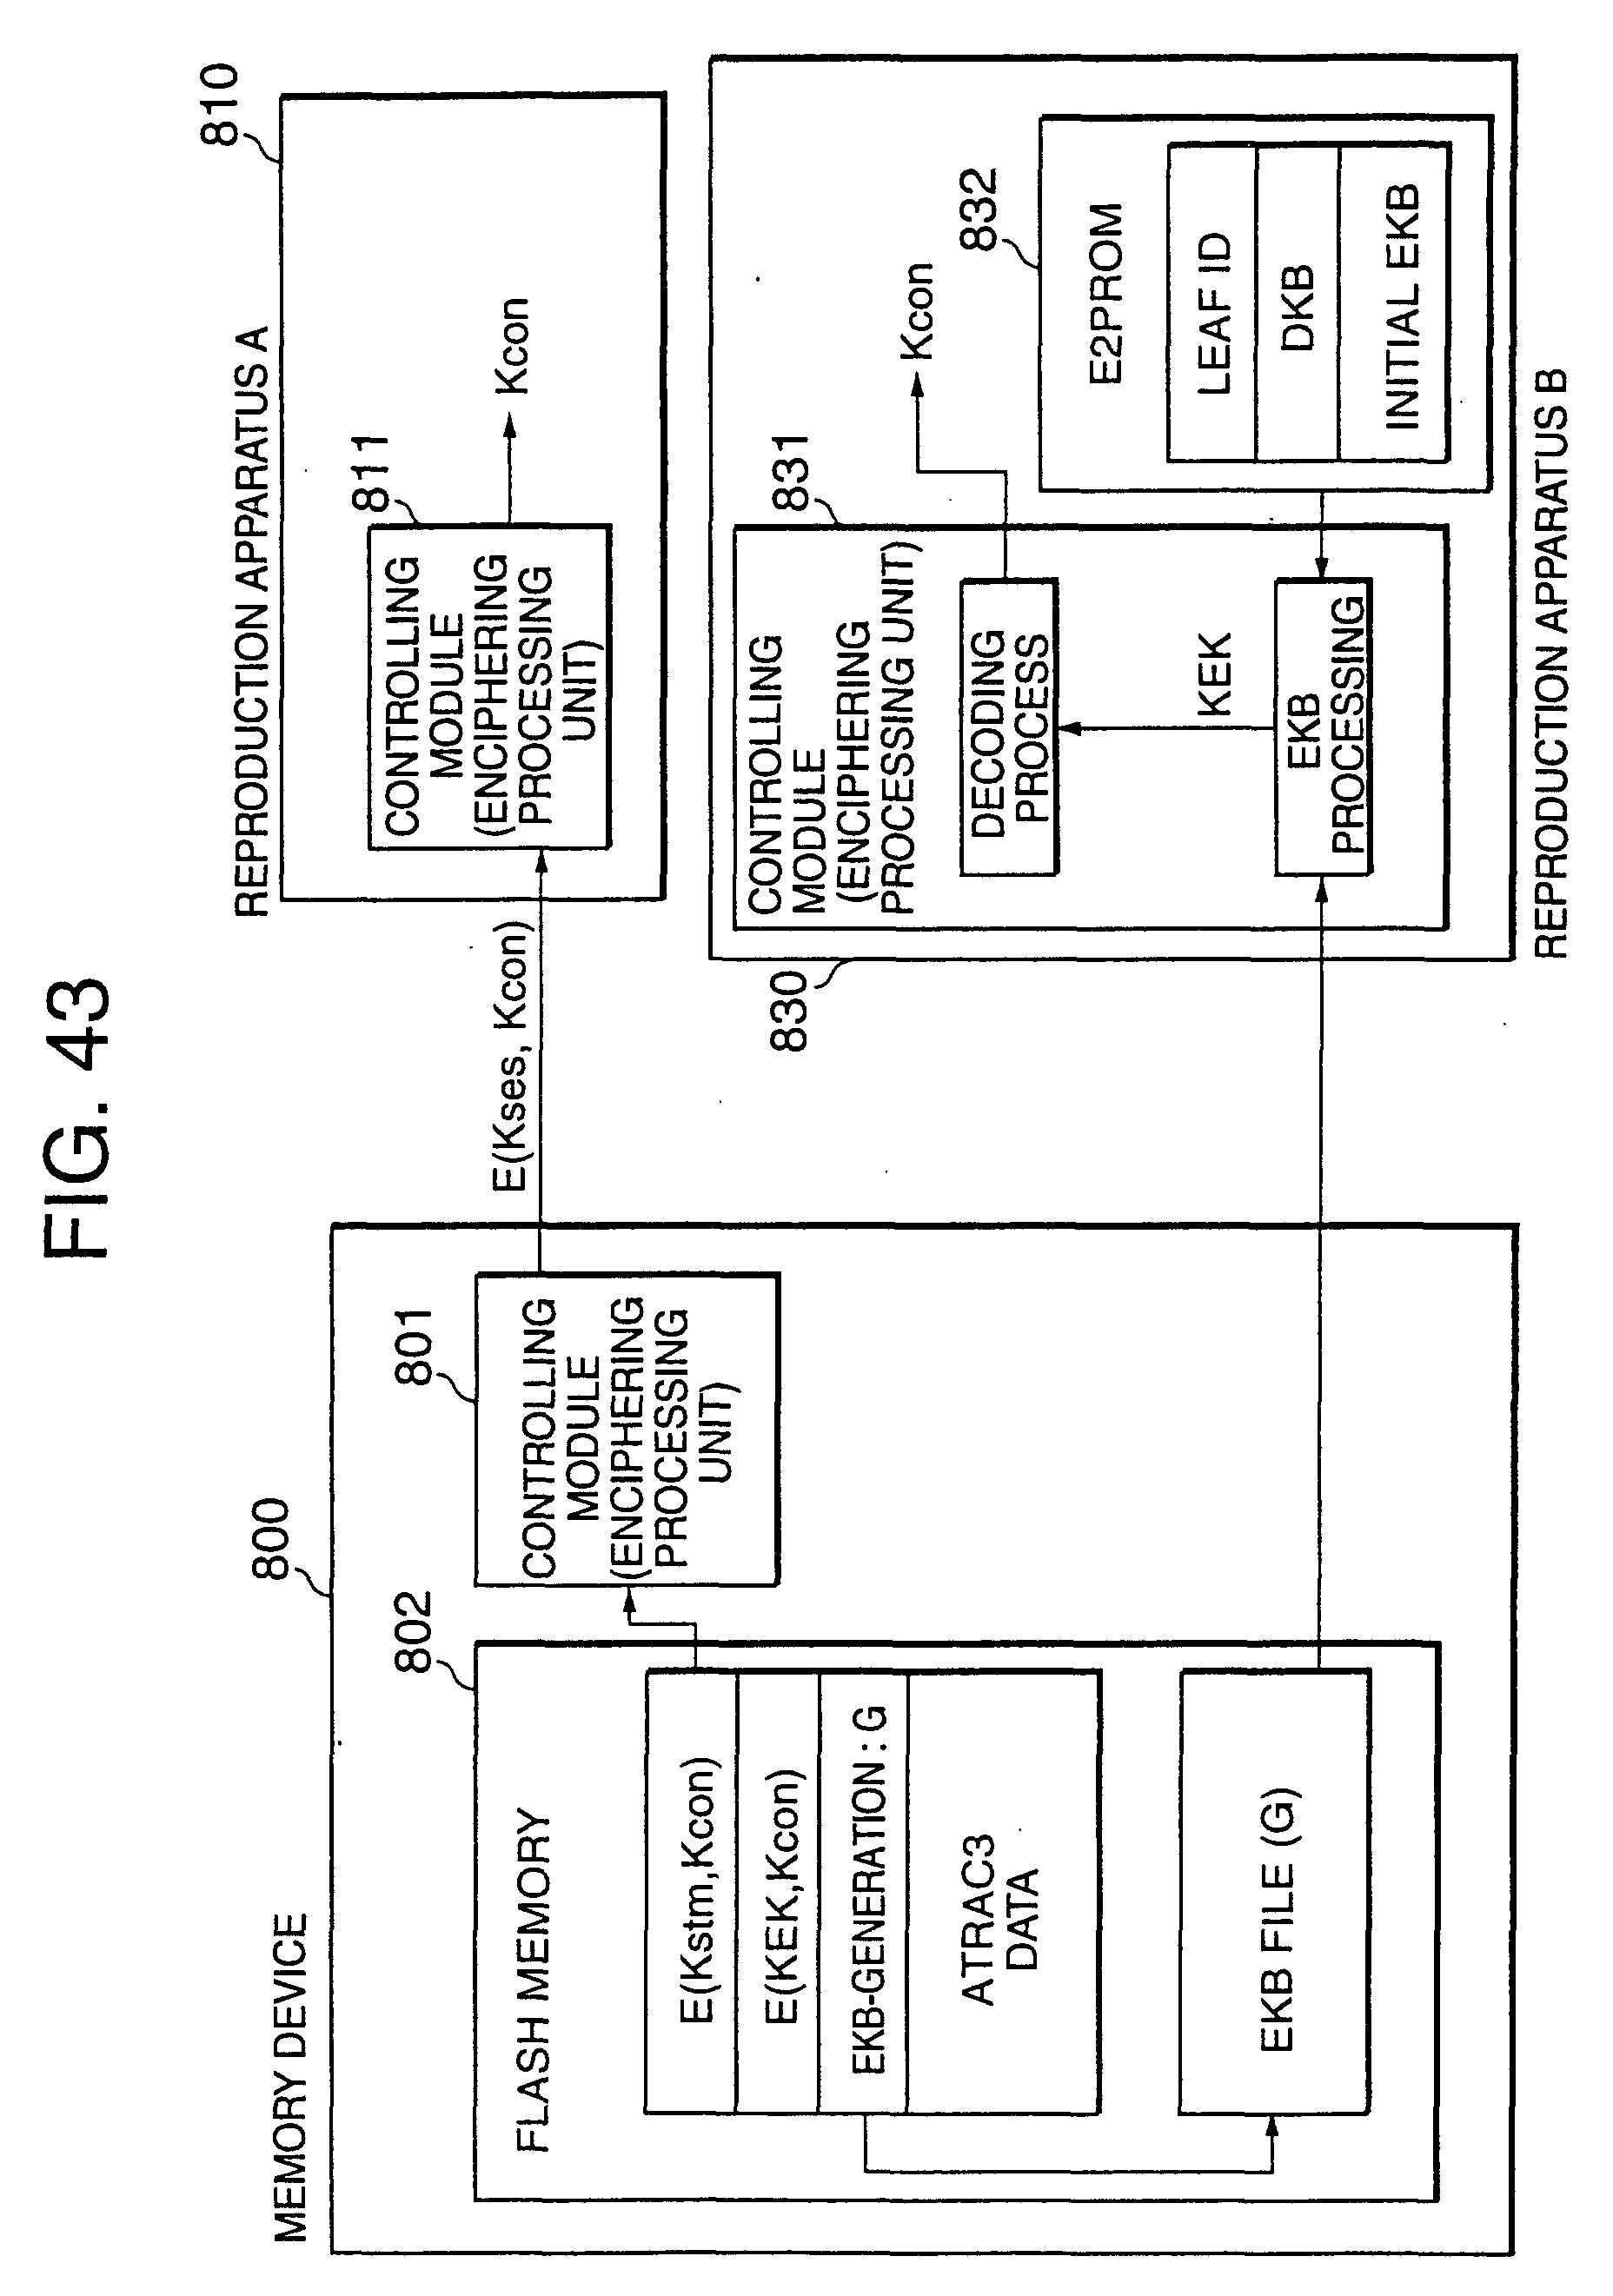 专利ep1176754a2 - system